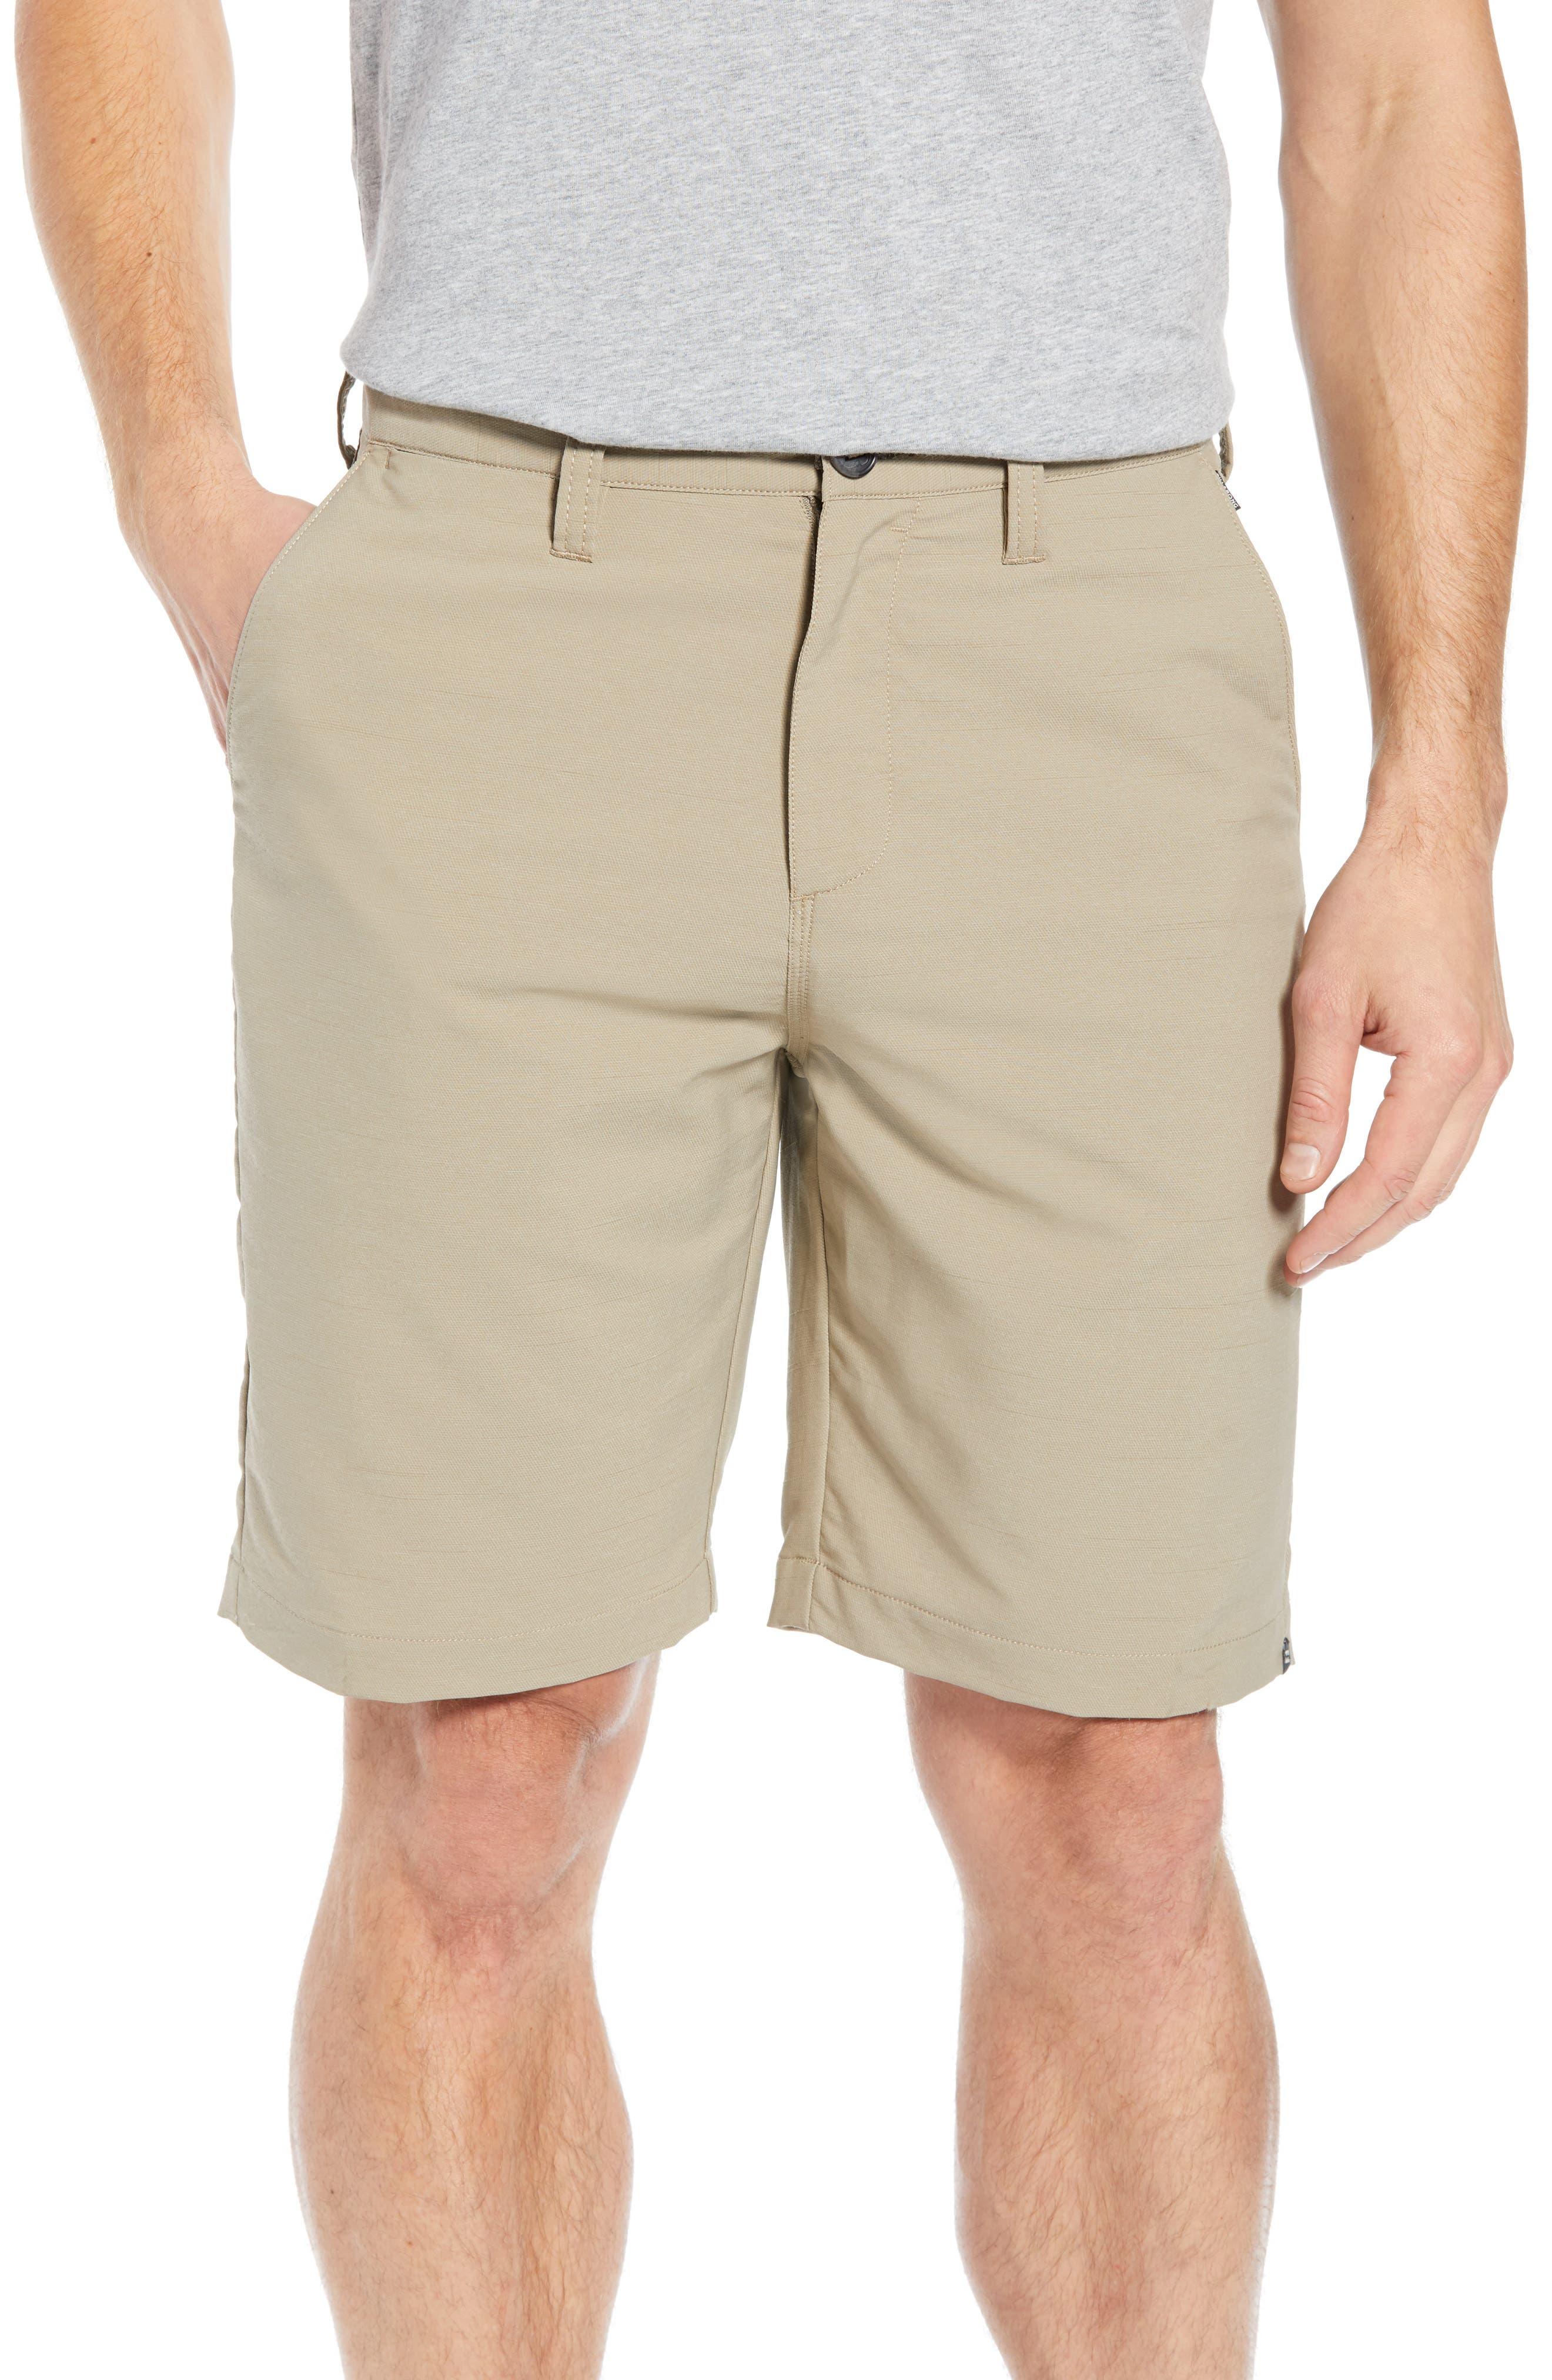 Surfreak Hybrid Shorts,                         Main,                         color, KHAKI